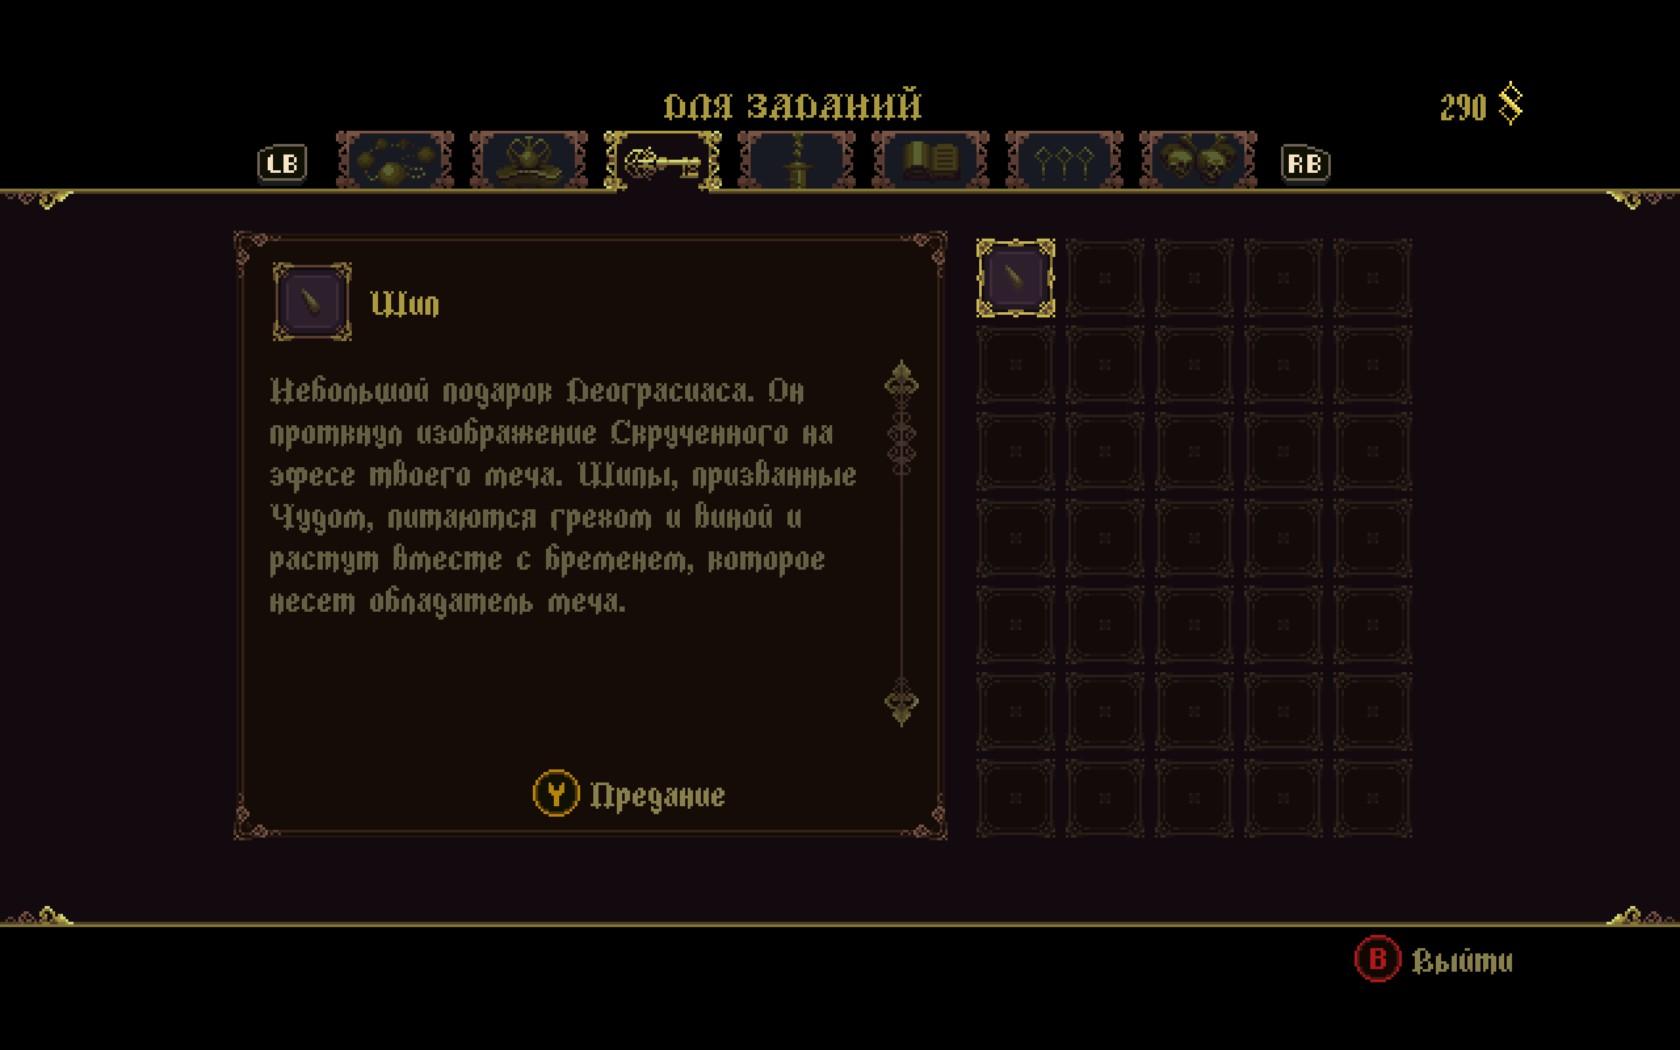 Альтернативный русский шрифт в Blasphemous